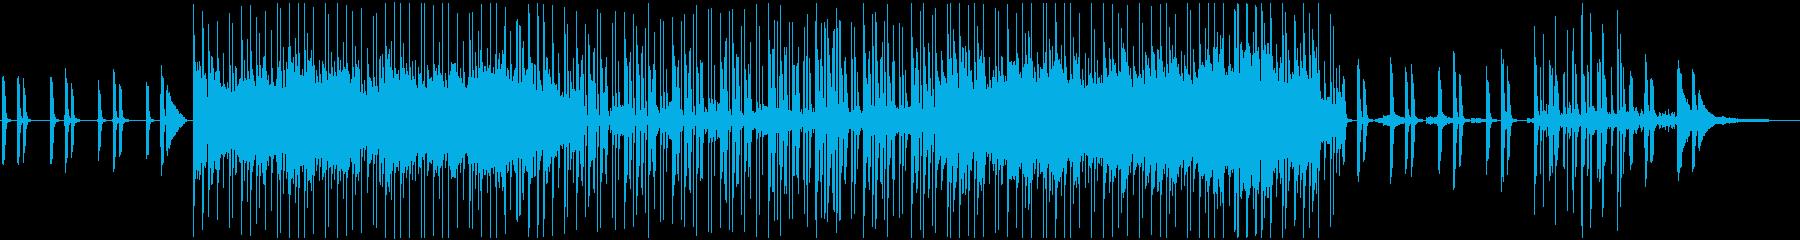 ピアノとエレキギターの爽やかなBGMの再生済みの波形